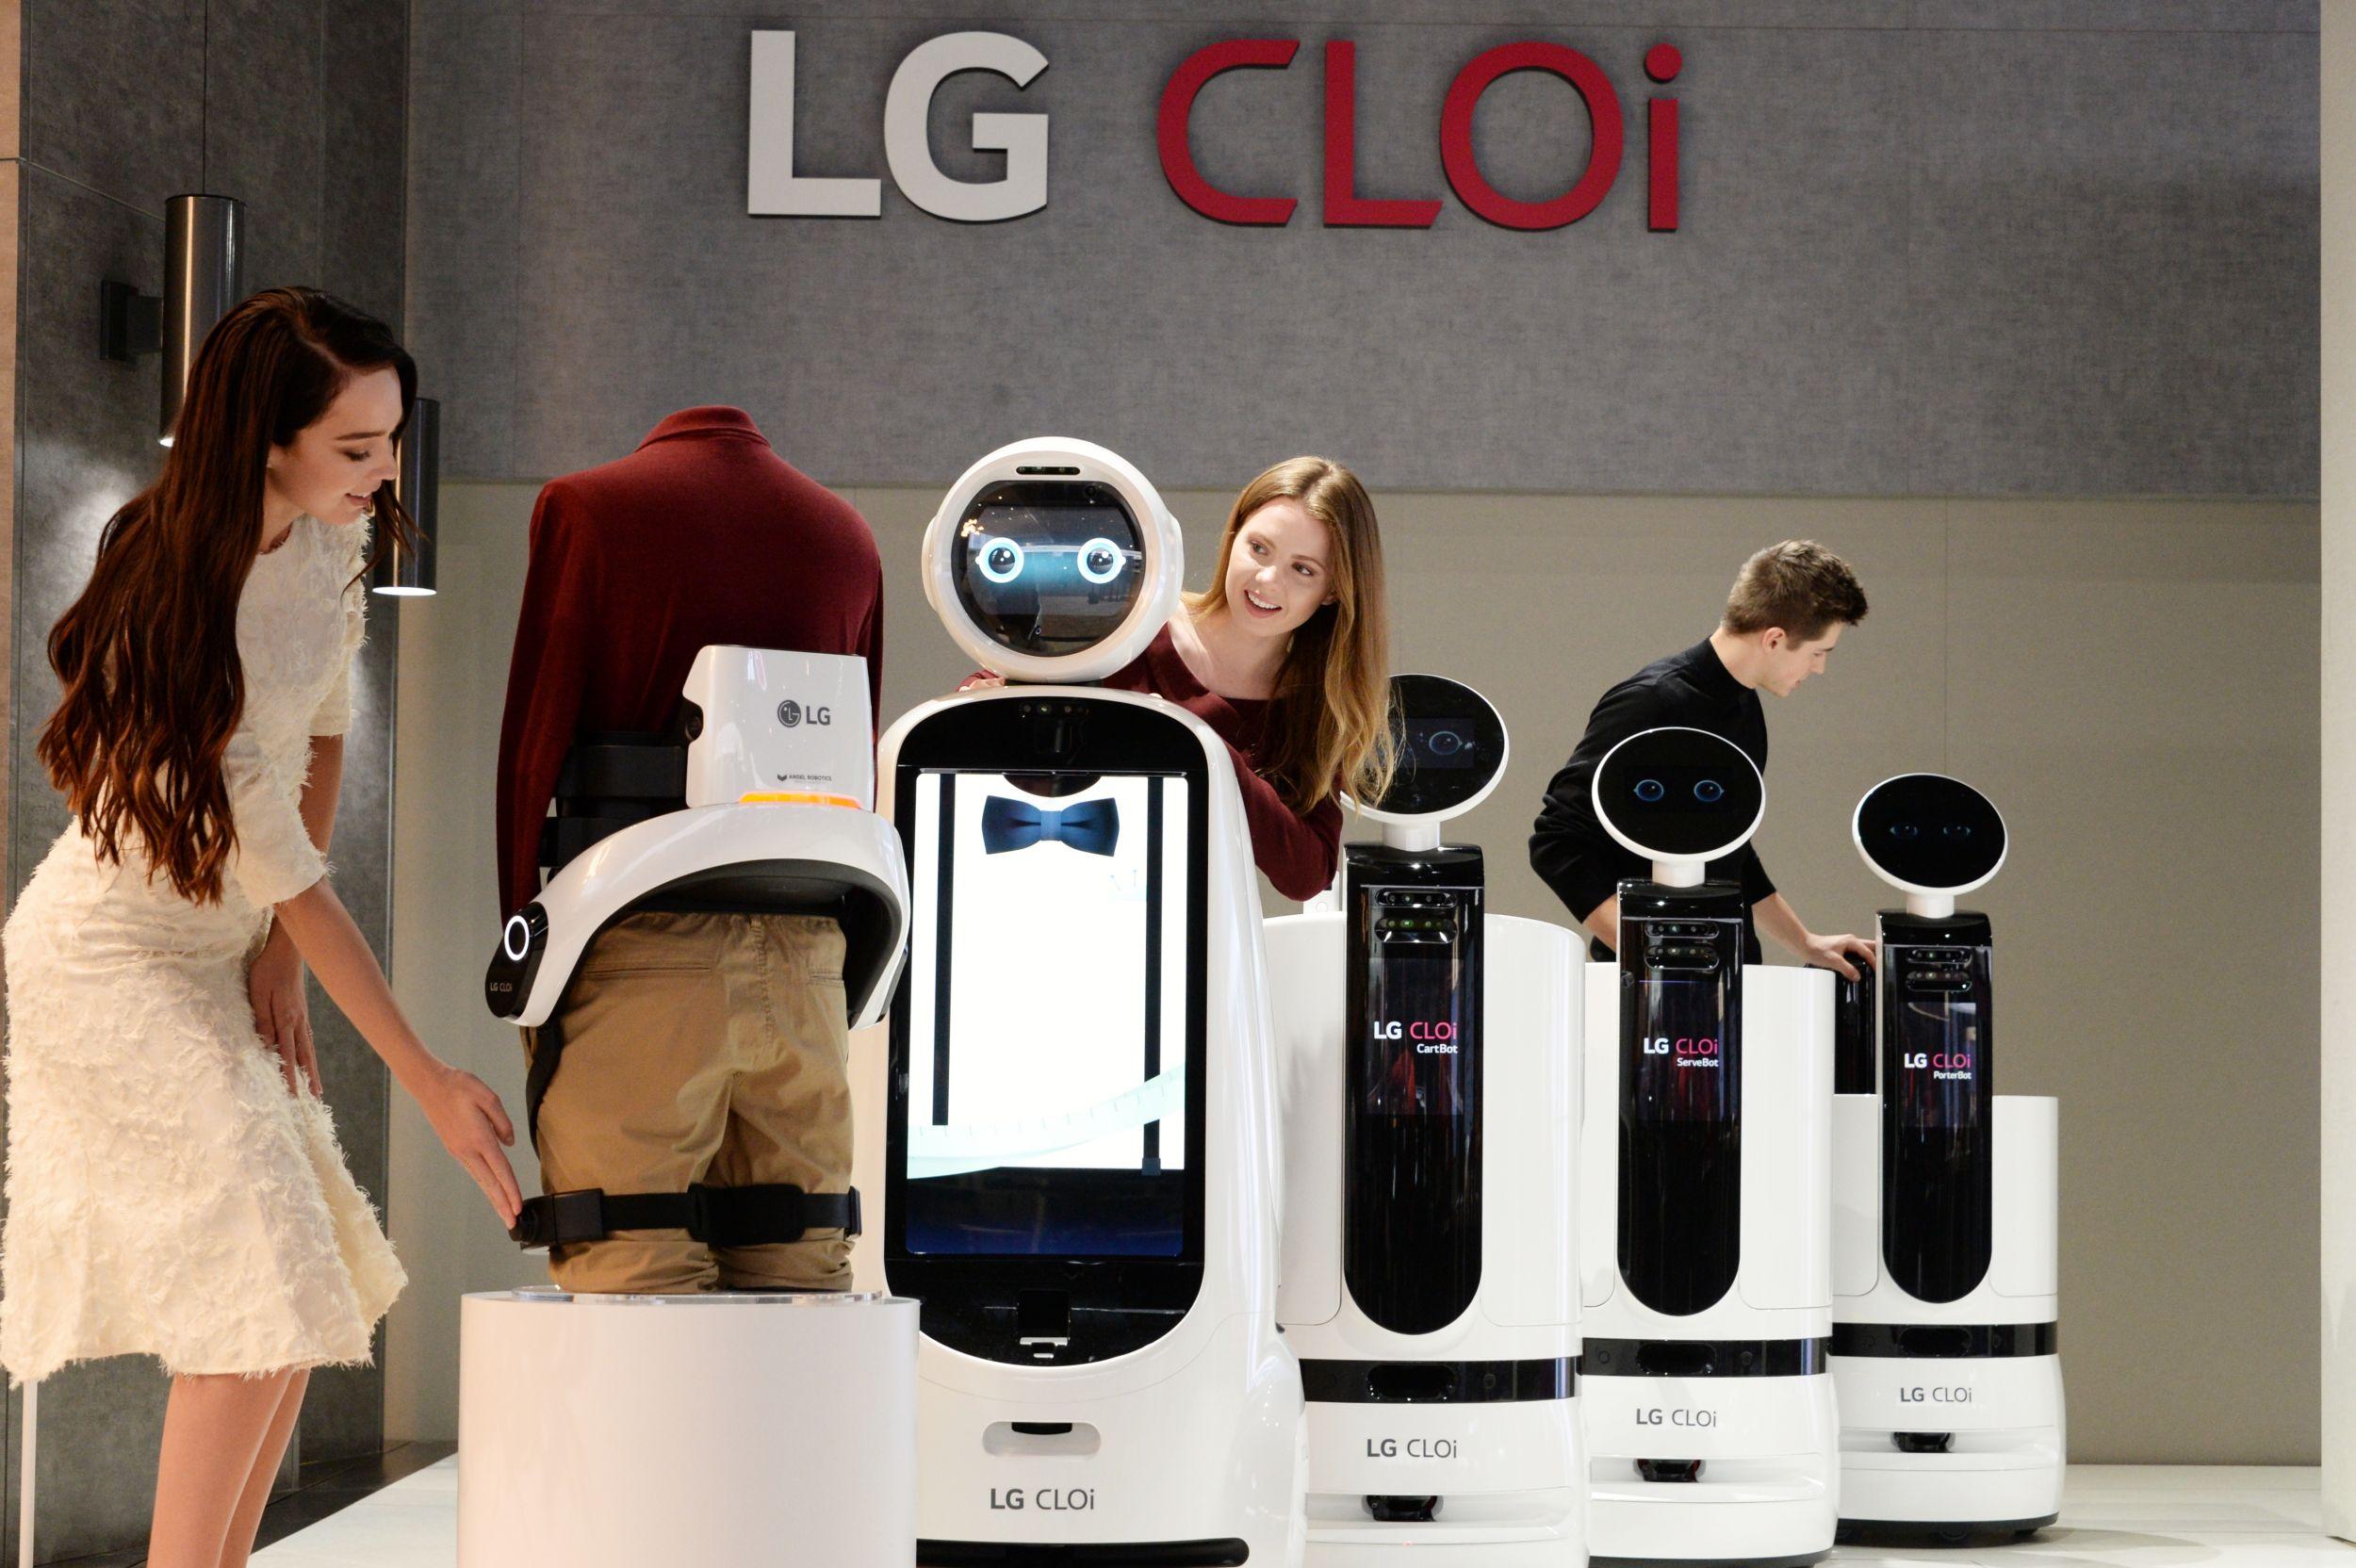 8일부터 미국 라스베이거스에서 열리는 CES 2019 전시회에서 모델들이 다양한 'LG 클로이' 로봇 제품들을 소개하고 있다.